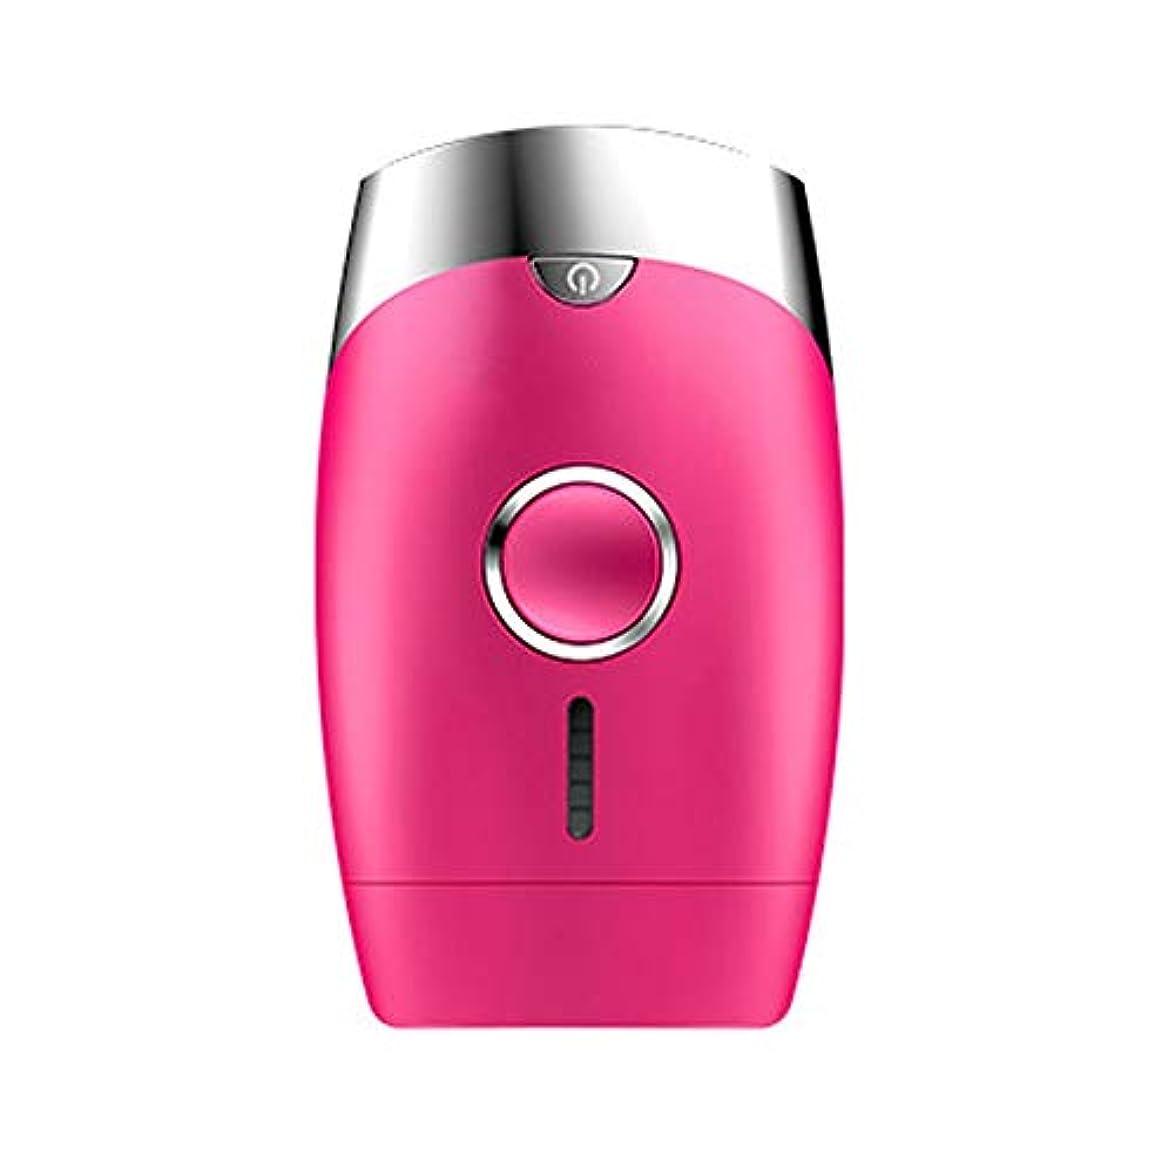 必要ないいう提供された高男 ピンク、5スピード調整、インテリジェント家庭用無痛快適凍結ポイント脱毛剤、シングルフラッシュ/連続フラッシュ、サイズ13.9x8.3x4.8cm (Color : Pink)